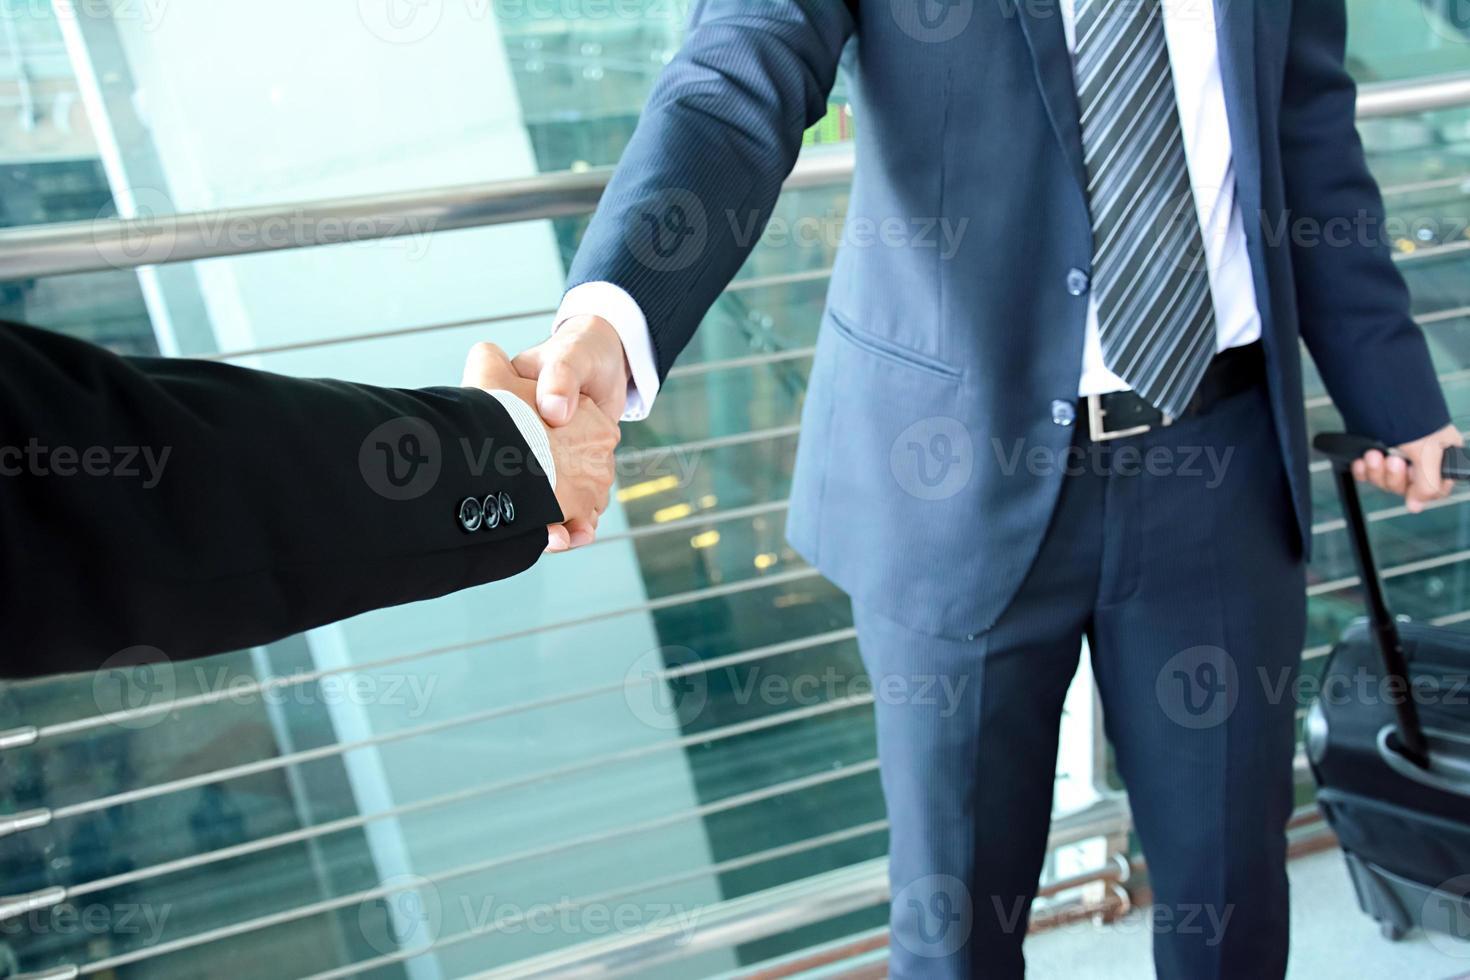 handdruk van zakenlieden op de luchthaven - zakenreizen concept foto